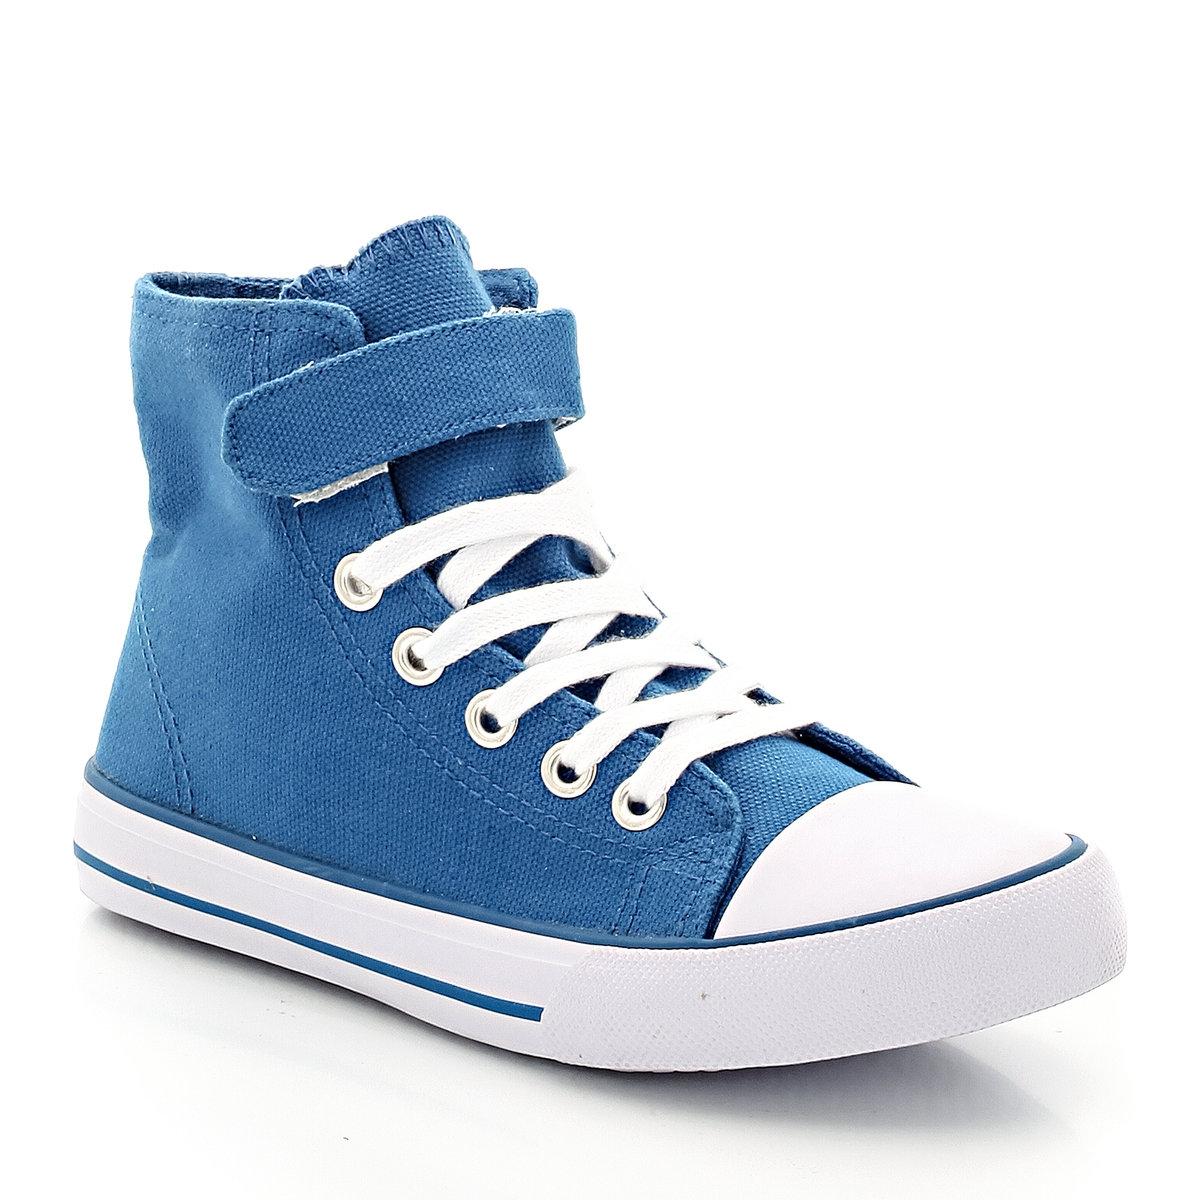 Кеды высокиеНеоспоримые плюсы : удобная застежка с планками-велкро придется по вкусу юным модникам.<br><br>Цвет: синий<br>Размер: 39